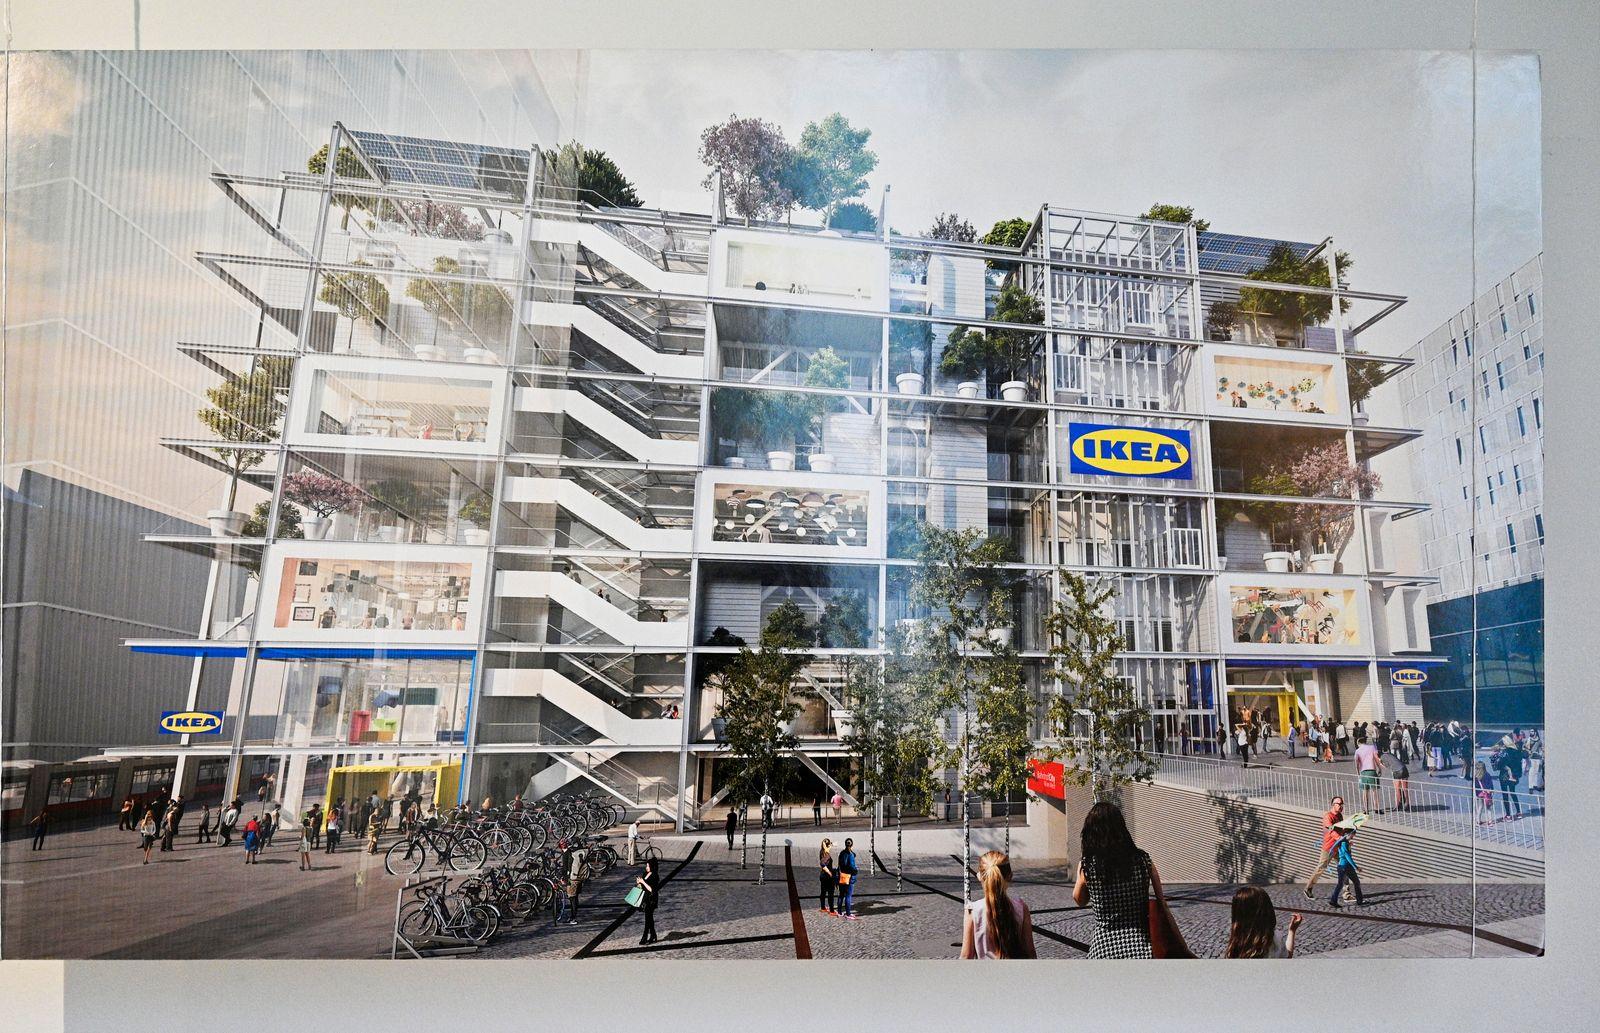 IKEA PROJEKT WIEN WESTBAHNHOF